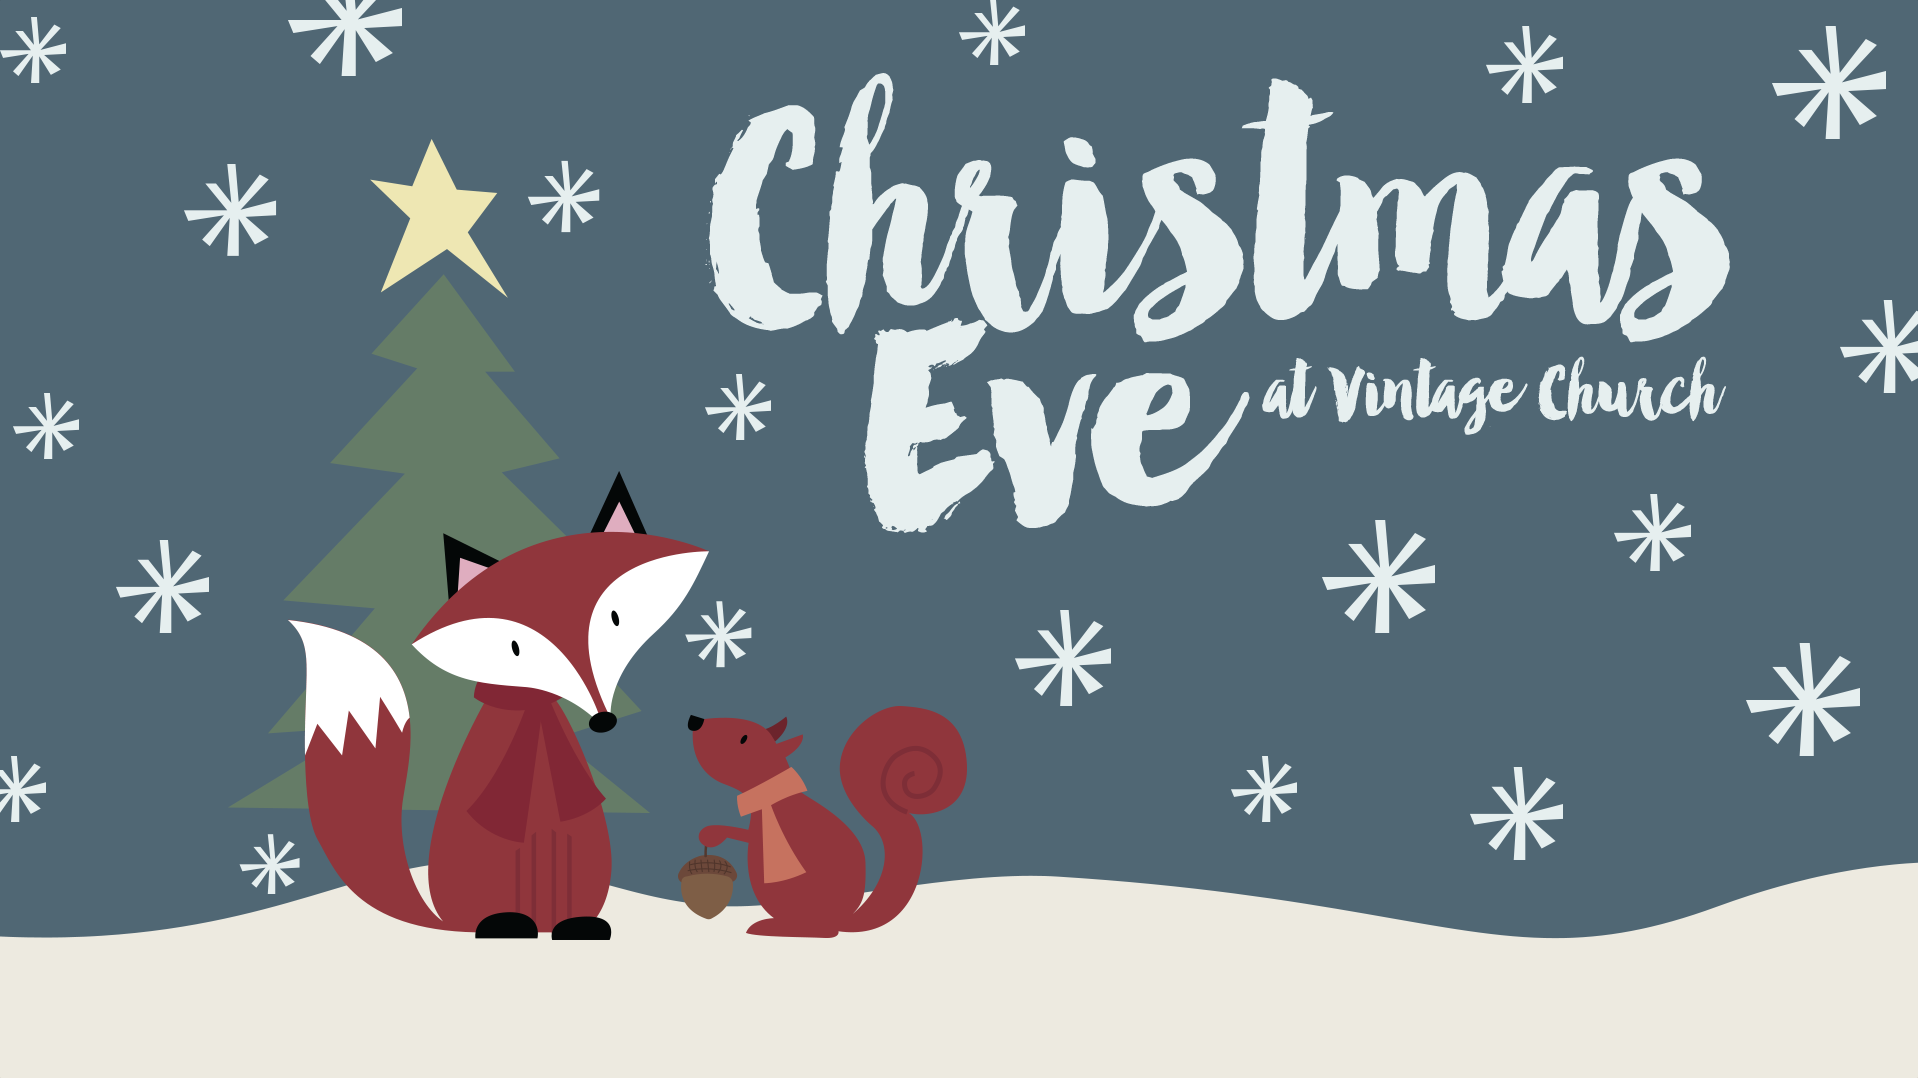 Christmas Graphic